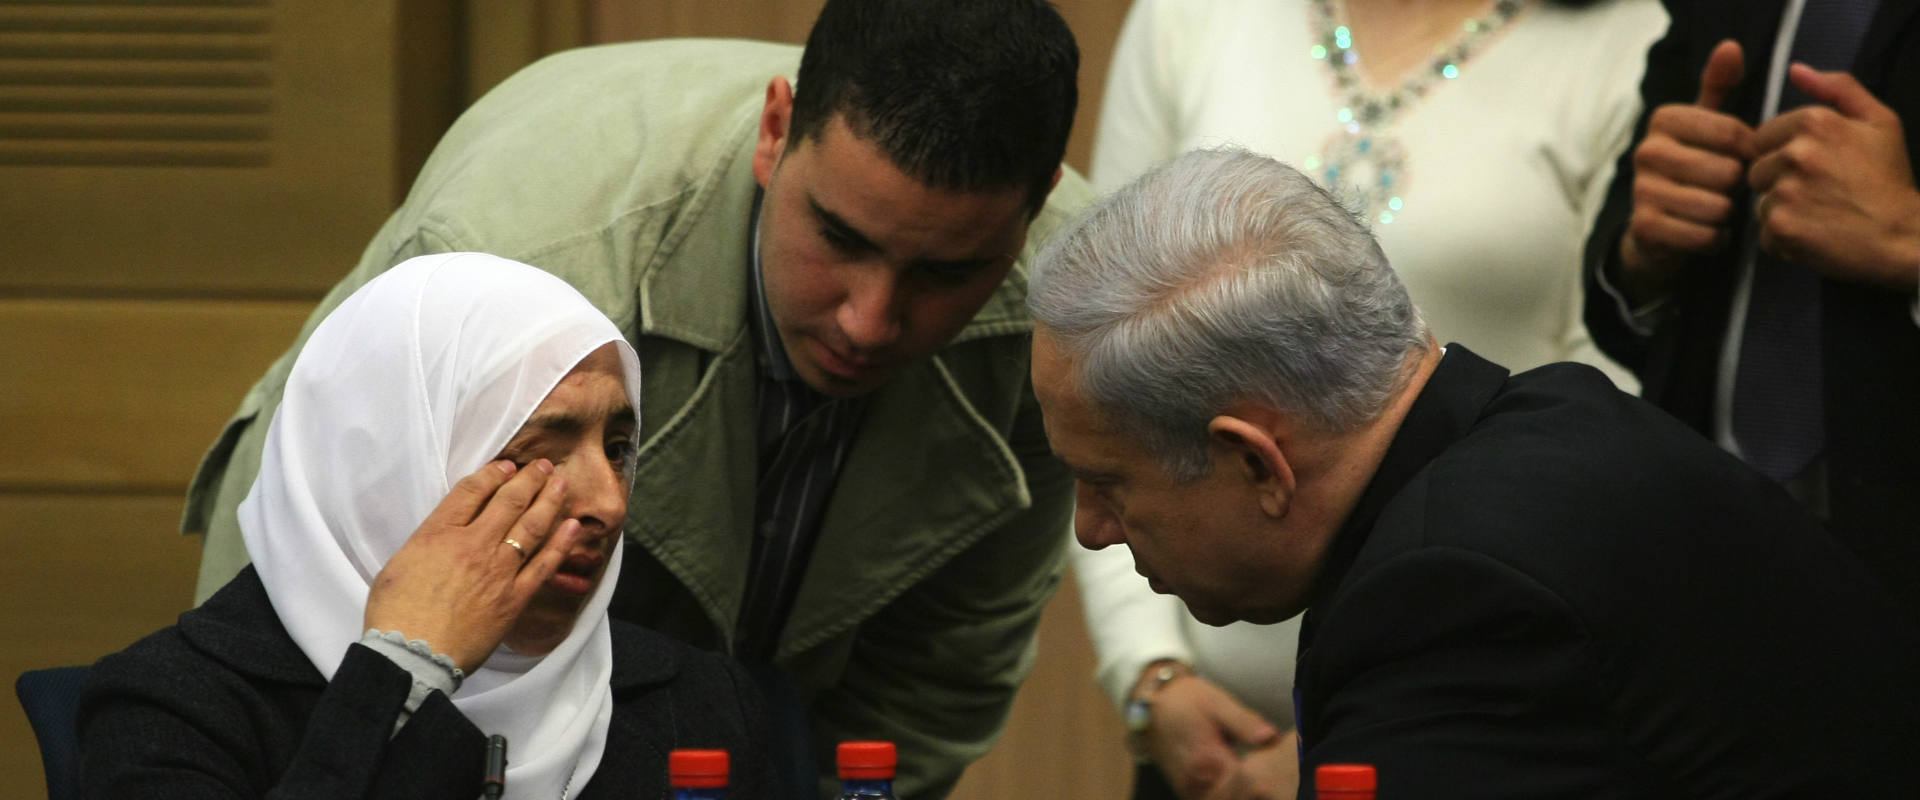 ראש הממשלה נתניהו בדיון בכנסת על אלימות בחברה הערב